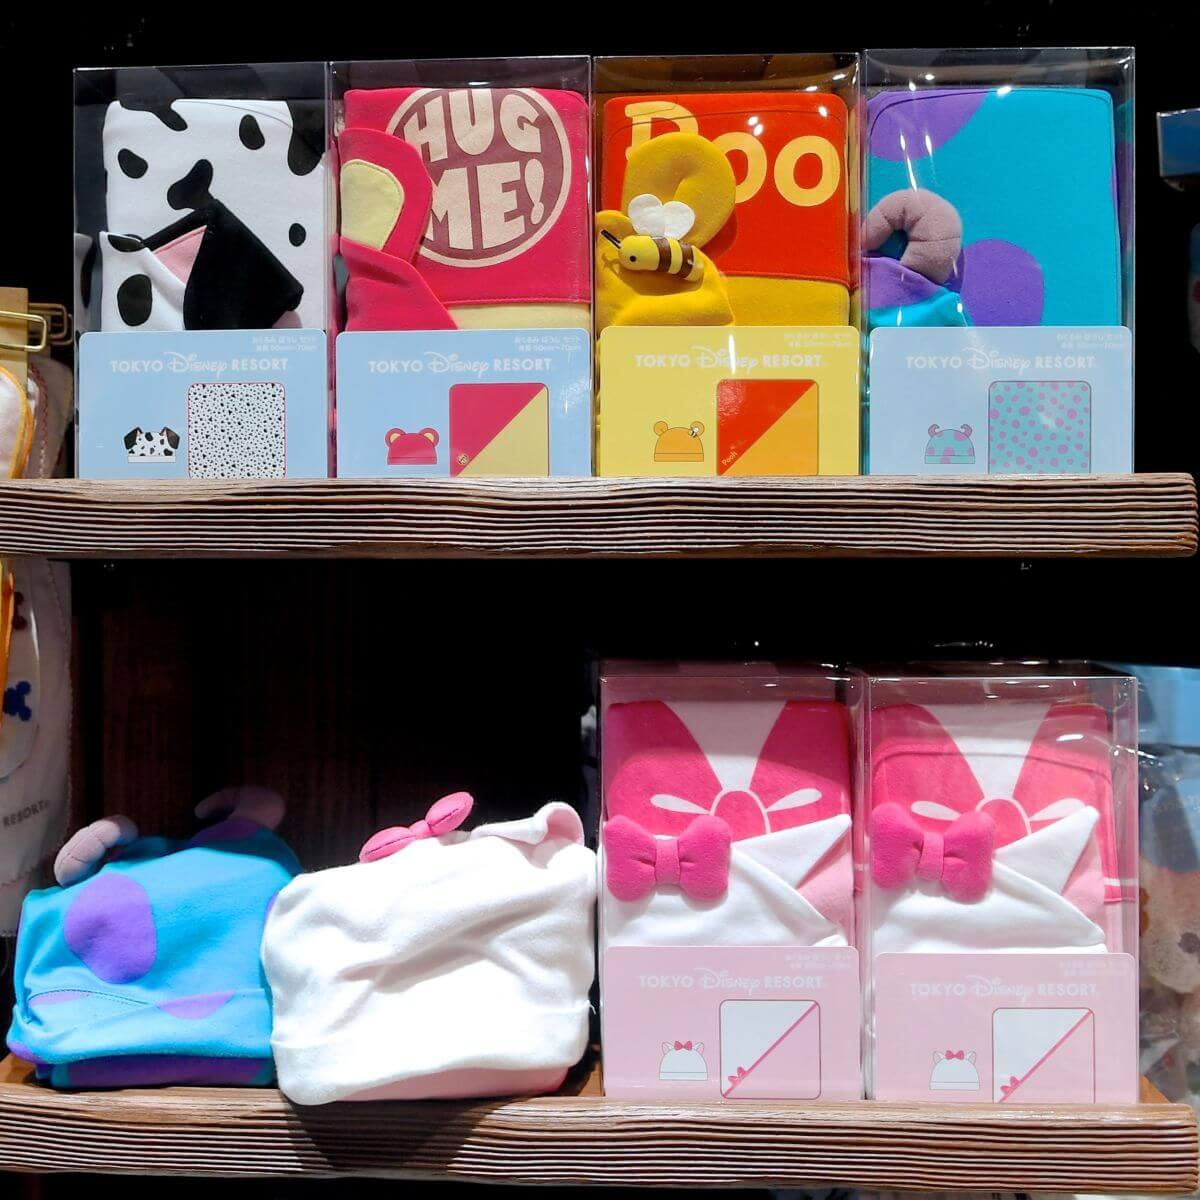 東京ディズニーランド なりきりおくるみ 帽子付き・お土産